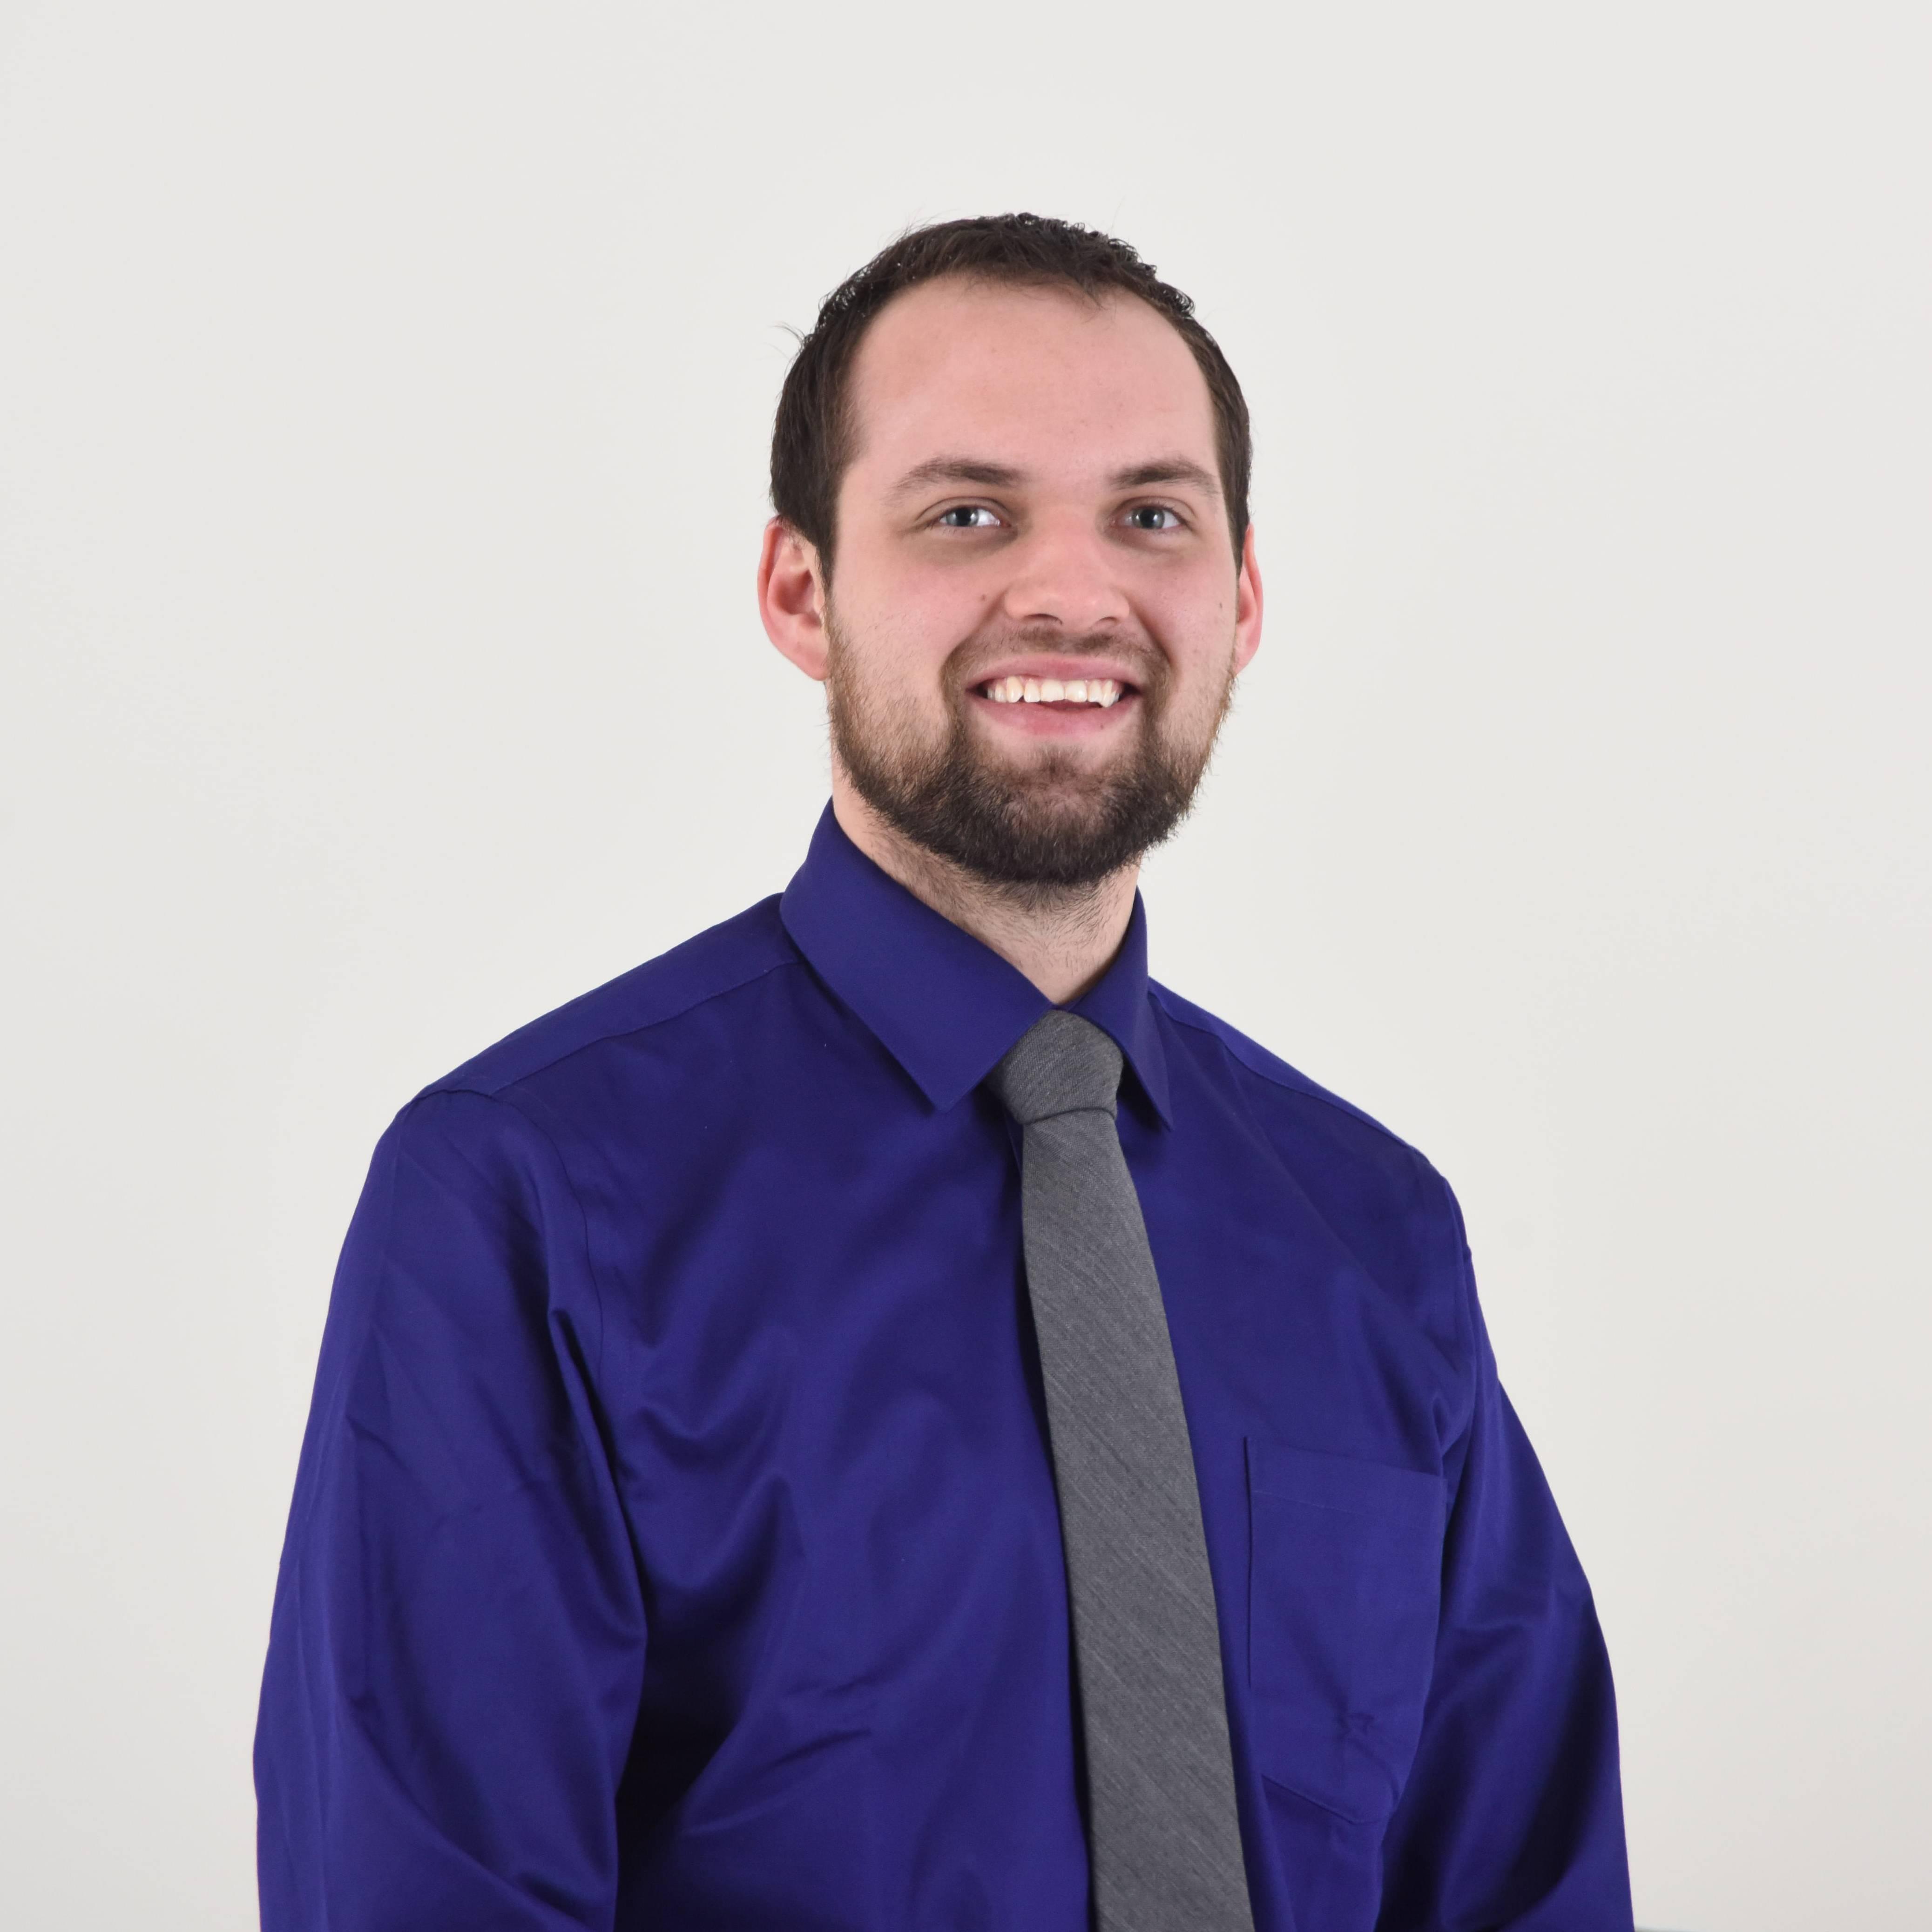 Chicago Mercedes Benz Service: Employee Spotlight: Ben De Garcia